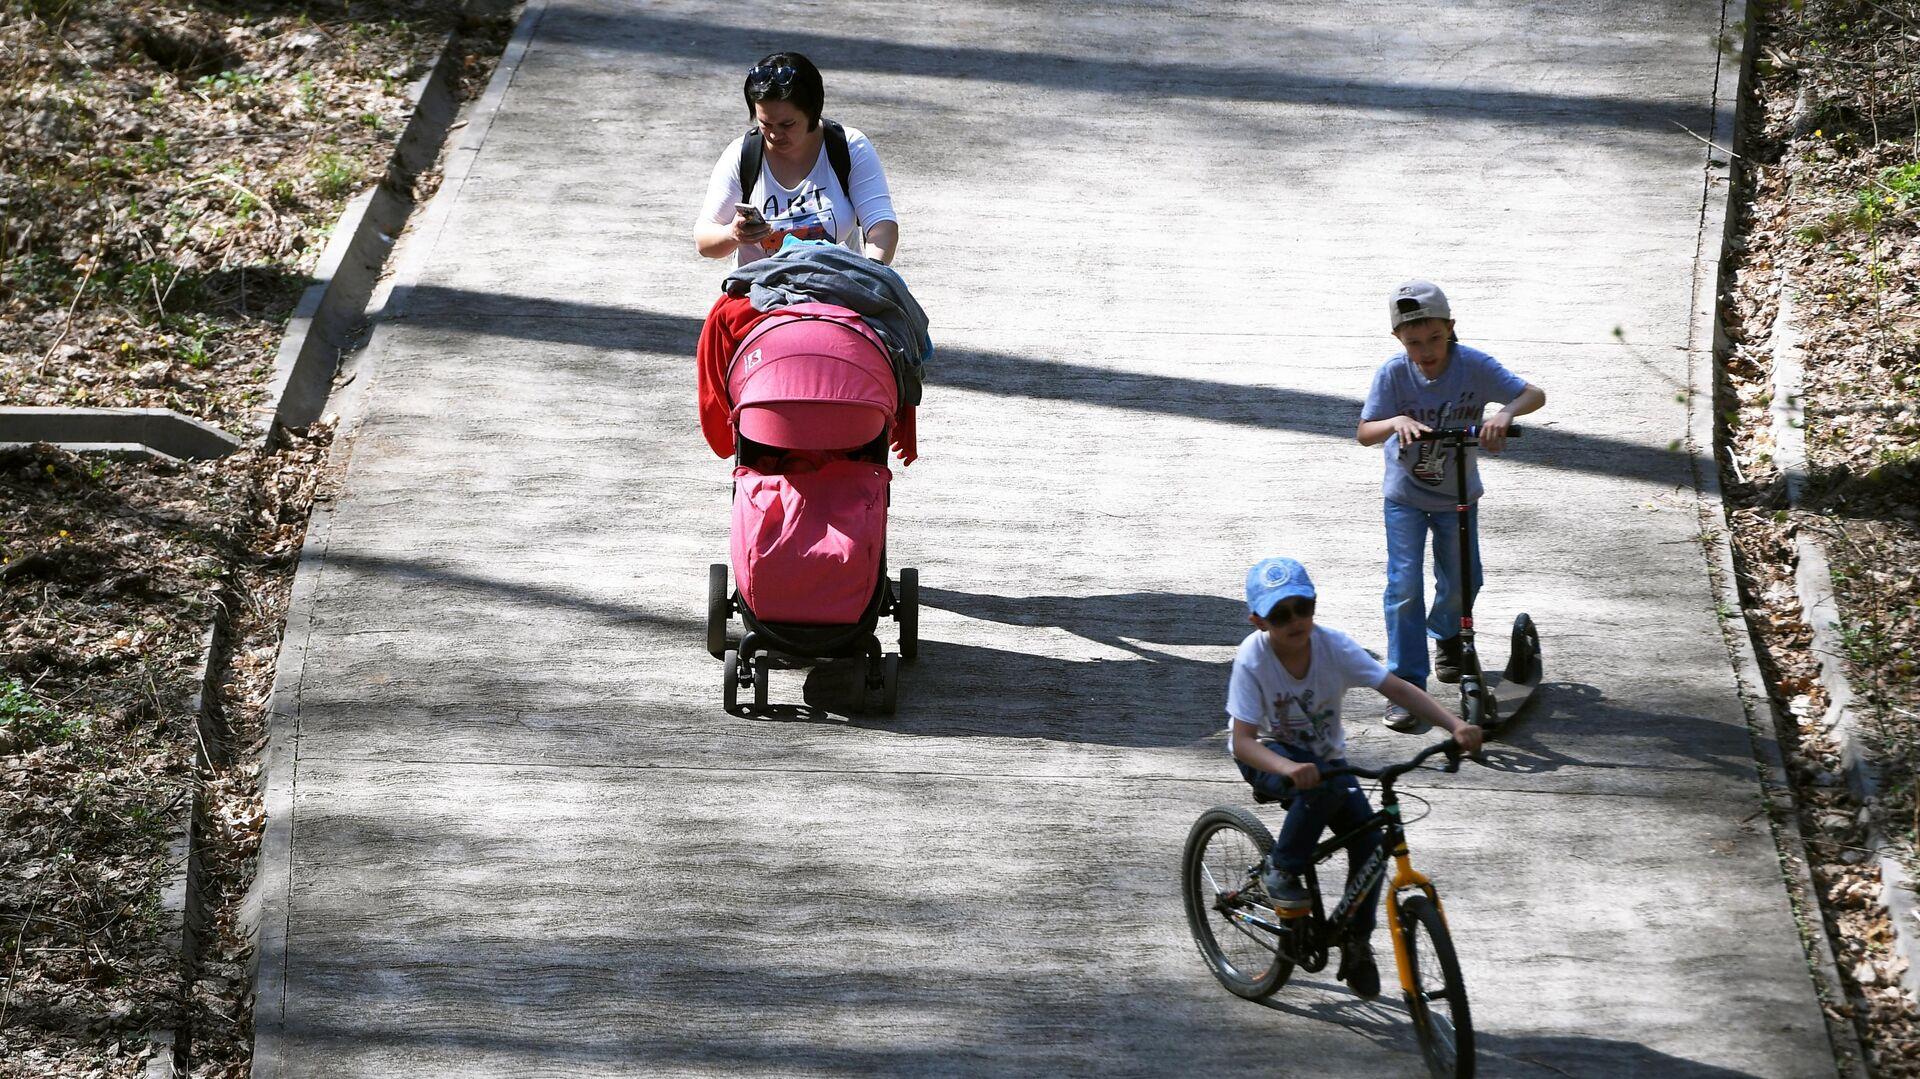 Женщина гуляет с детьми в парке  - РИА Новости, 1920, 03.03.2020